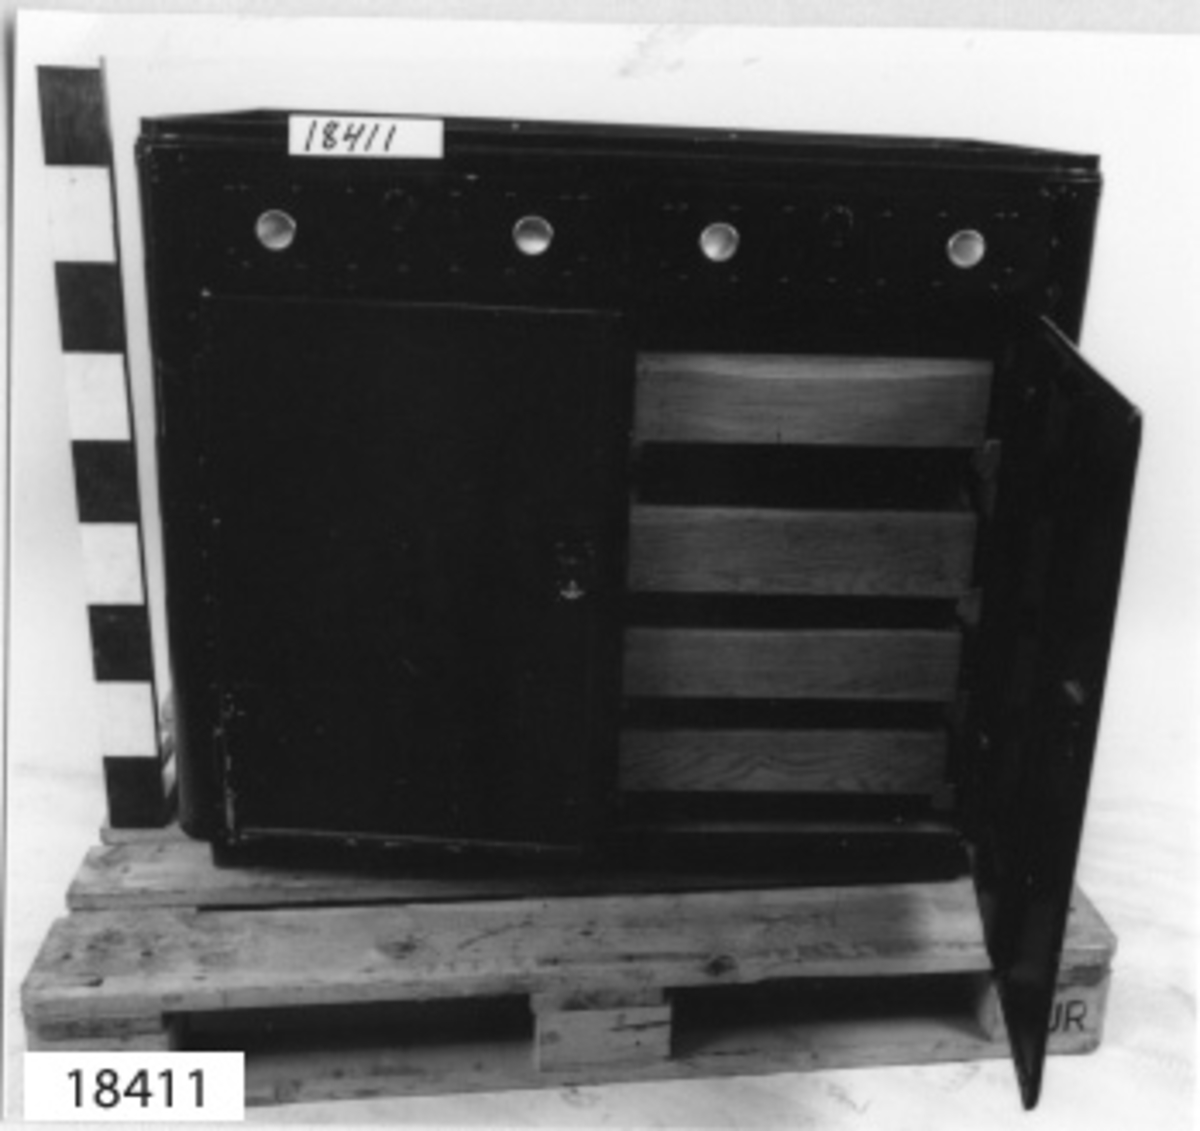 Mässkåp av lättmetall målad i mahognybrunt med rundade framkanter, på framsidan två lådor och två skåpsdörrar. Lådorna är placerade ovanför skåpsdörrarna. Samtliga låsbara, en nyckel tillhör. Ovala nyckelhål. Lådorna är försedda med nitar samt vardera två handtag i form av runda knoppar av koppar. Skåpsdörrarna har en list runt kanten. Ovansidan försedd med slingerkant av målat trä. Skåpet står på träsockel. Omålad baksida. Invädigt omålade lådor. Skåpen är försedda med hyllplan av plywood med runda hål för placering av dricksglas av olika storlekar, från 12 till 32 hål. Vänster skåp har tre hyllplan (ett saknas) och höger skåp har fyra hyllplan. Ingen märkning finns.